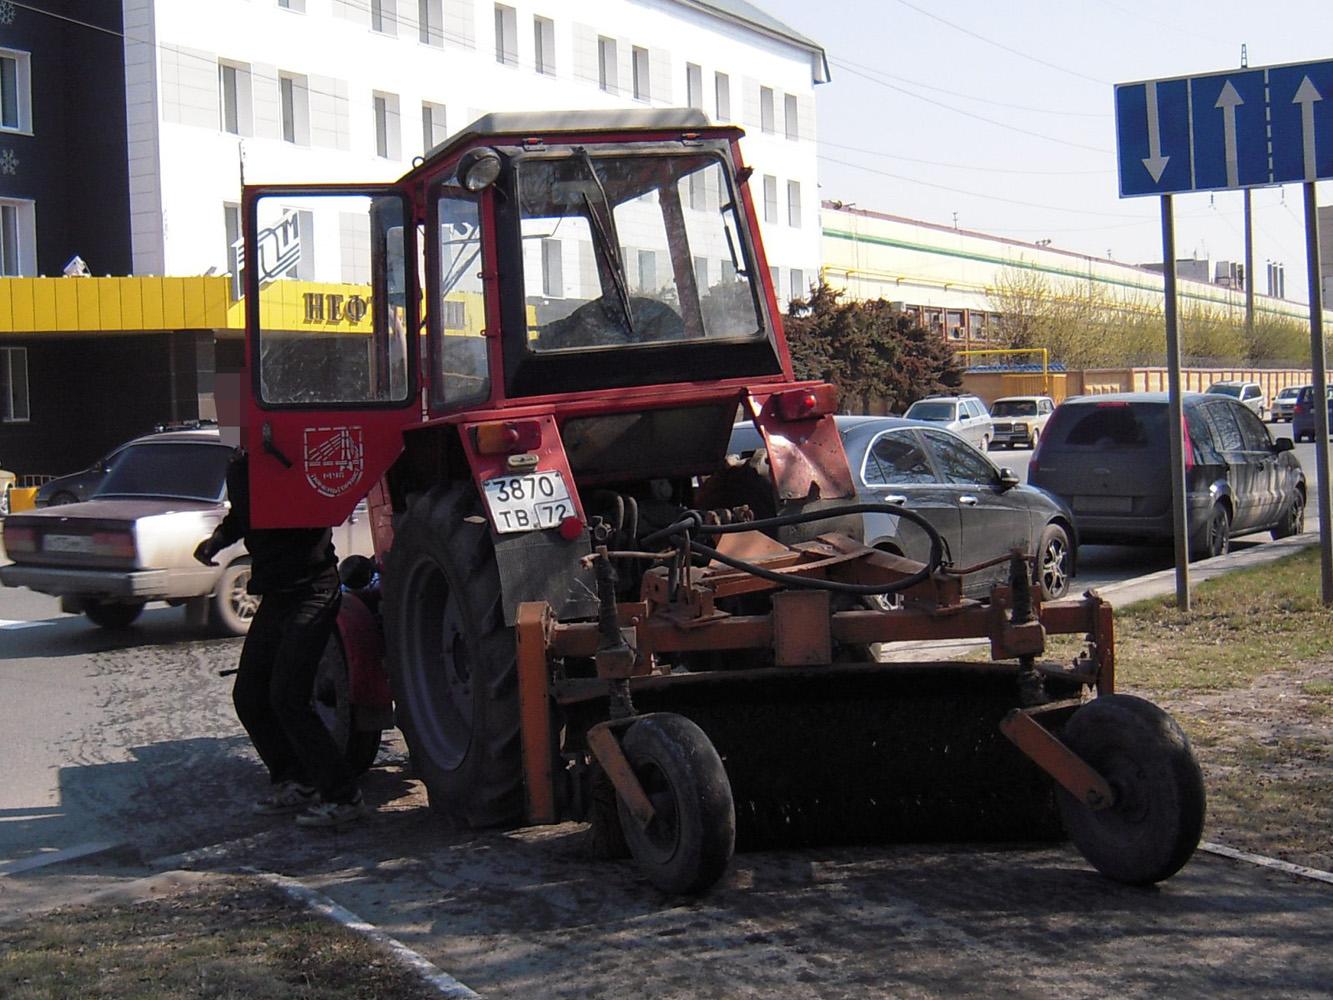 Коммунально-уборочная машина на базе трактора Т-25А #3870 ТВ 72 . Тюмень, Военная улица